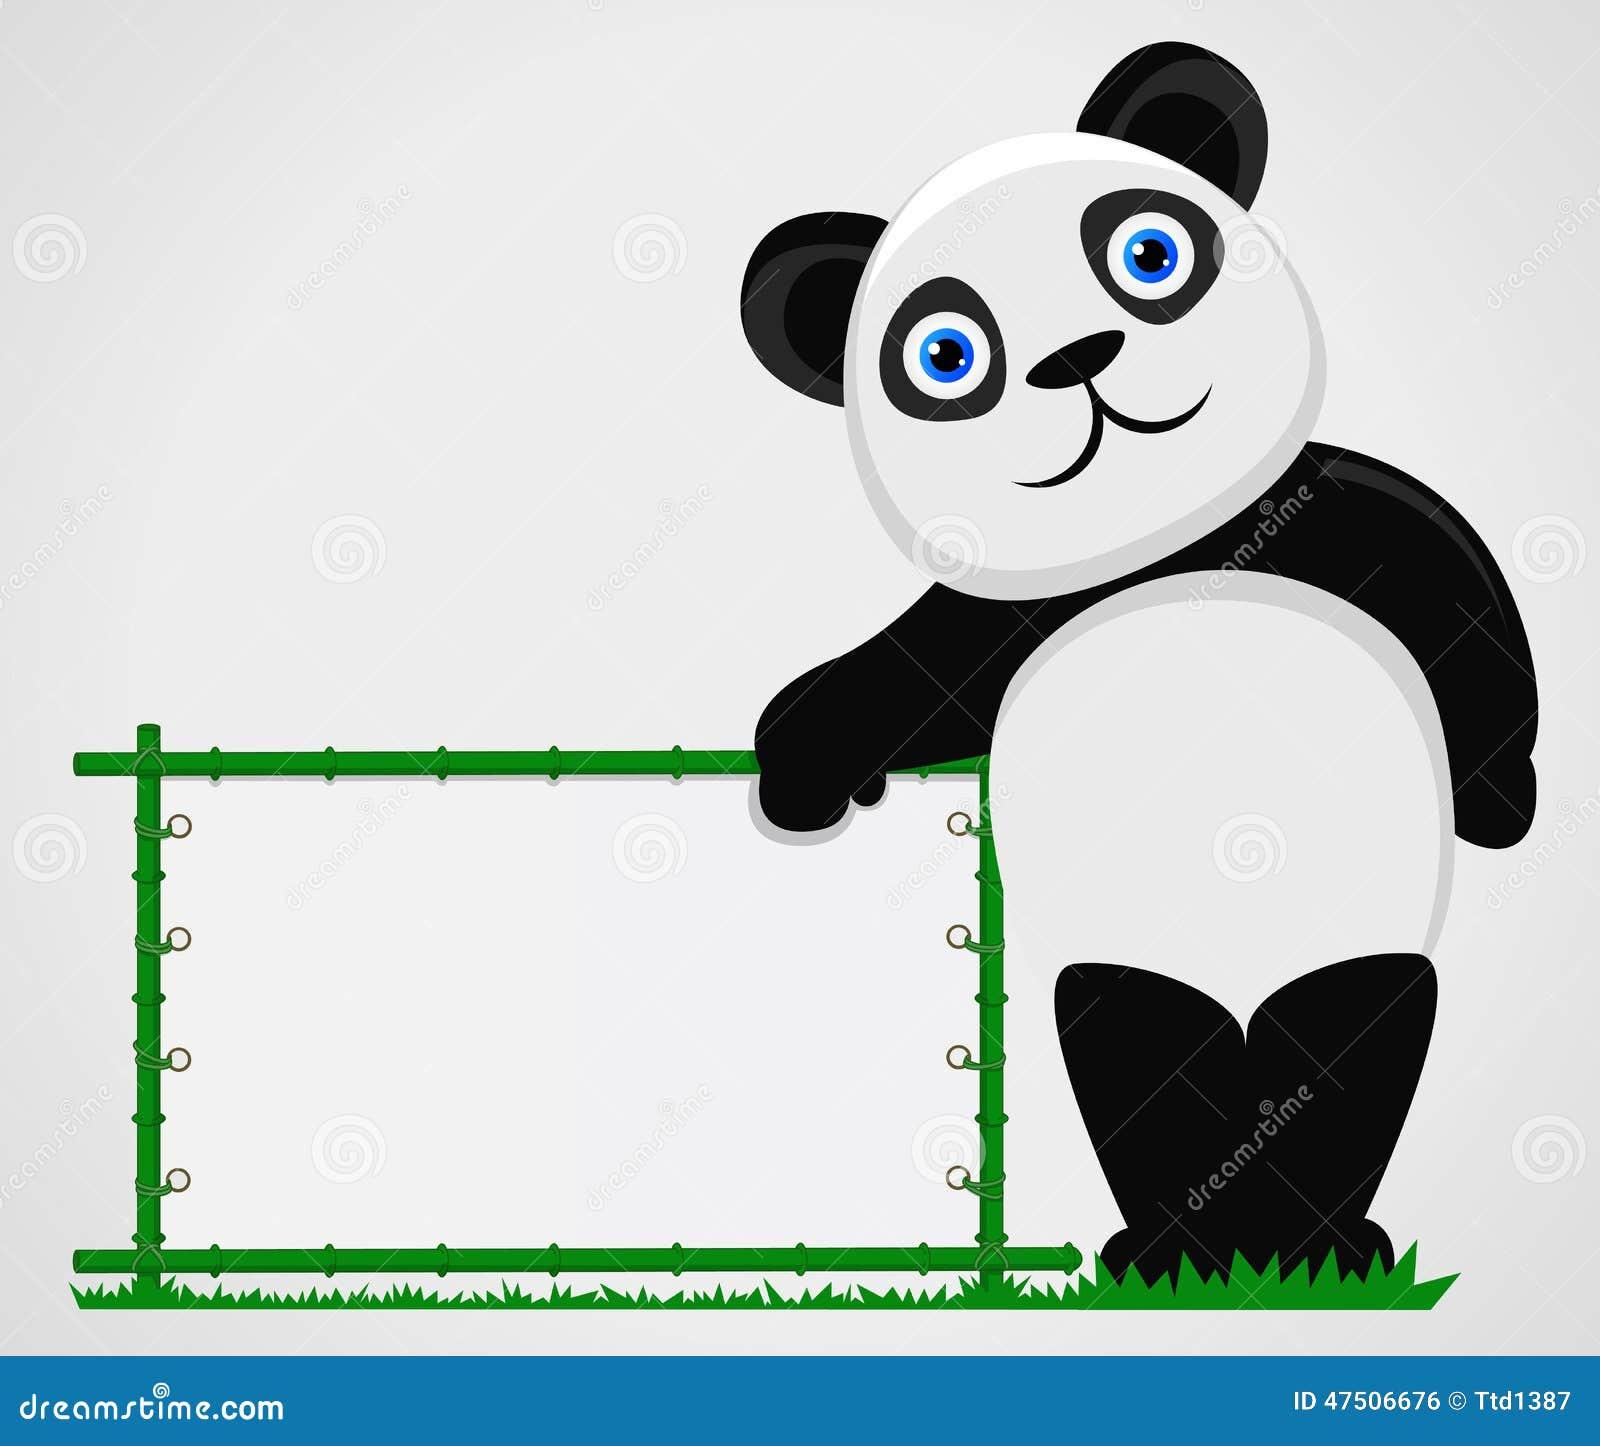 panda clean download